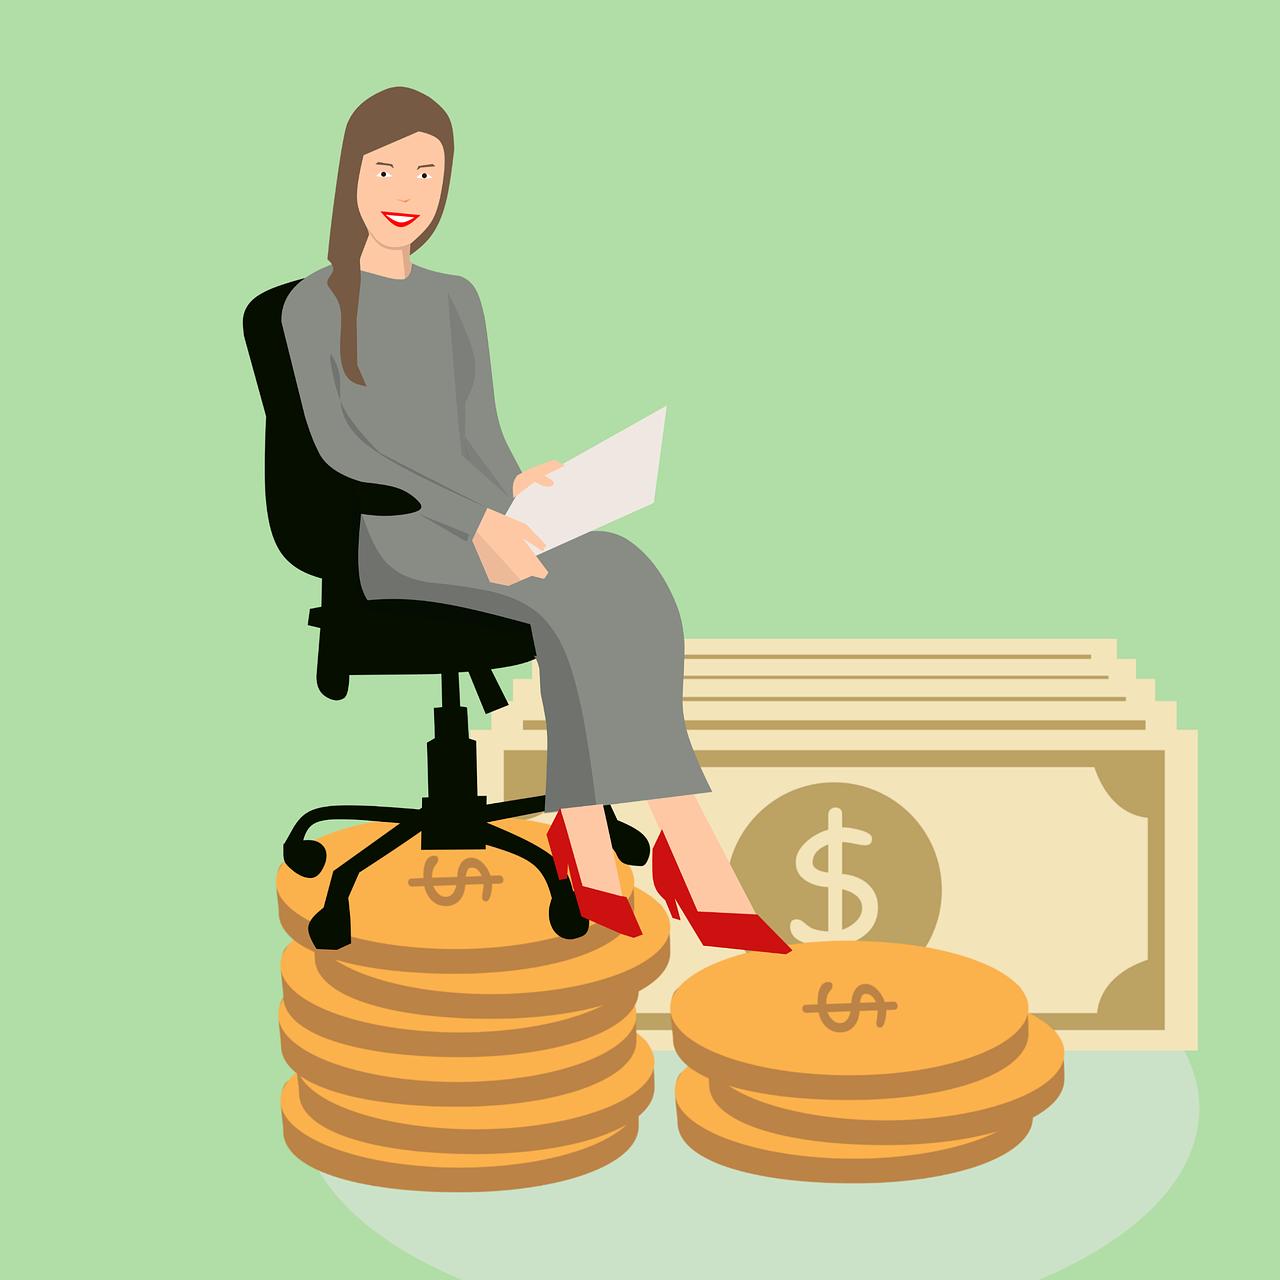 Butuh dana besar dan cepat – ajukan sekarang juga – syarat hanya KTP & Kartu Kredit saja.